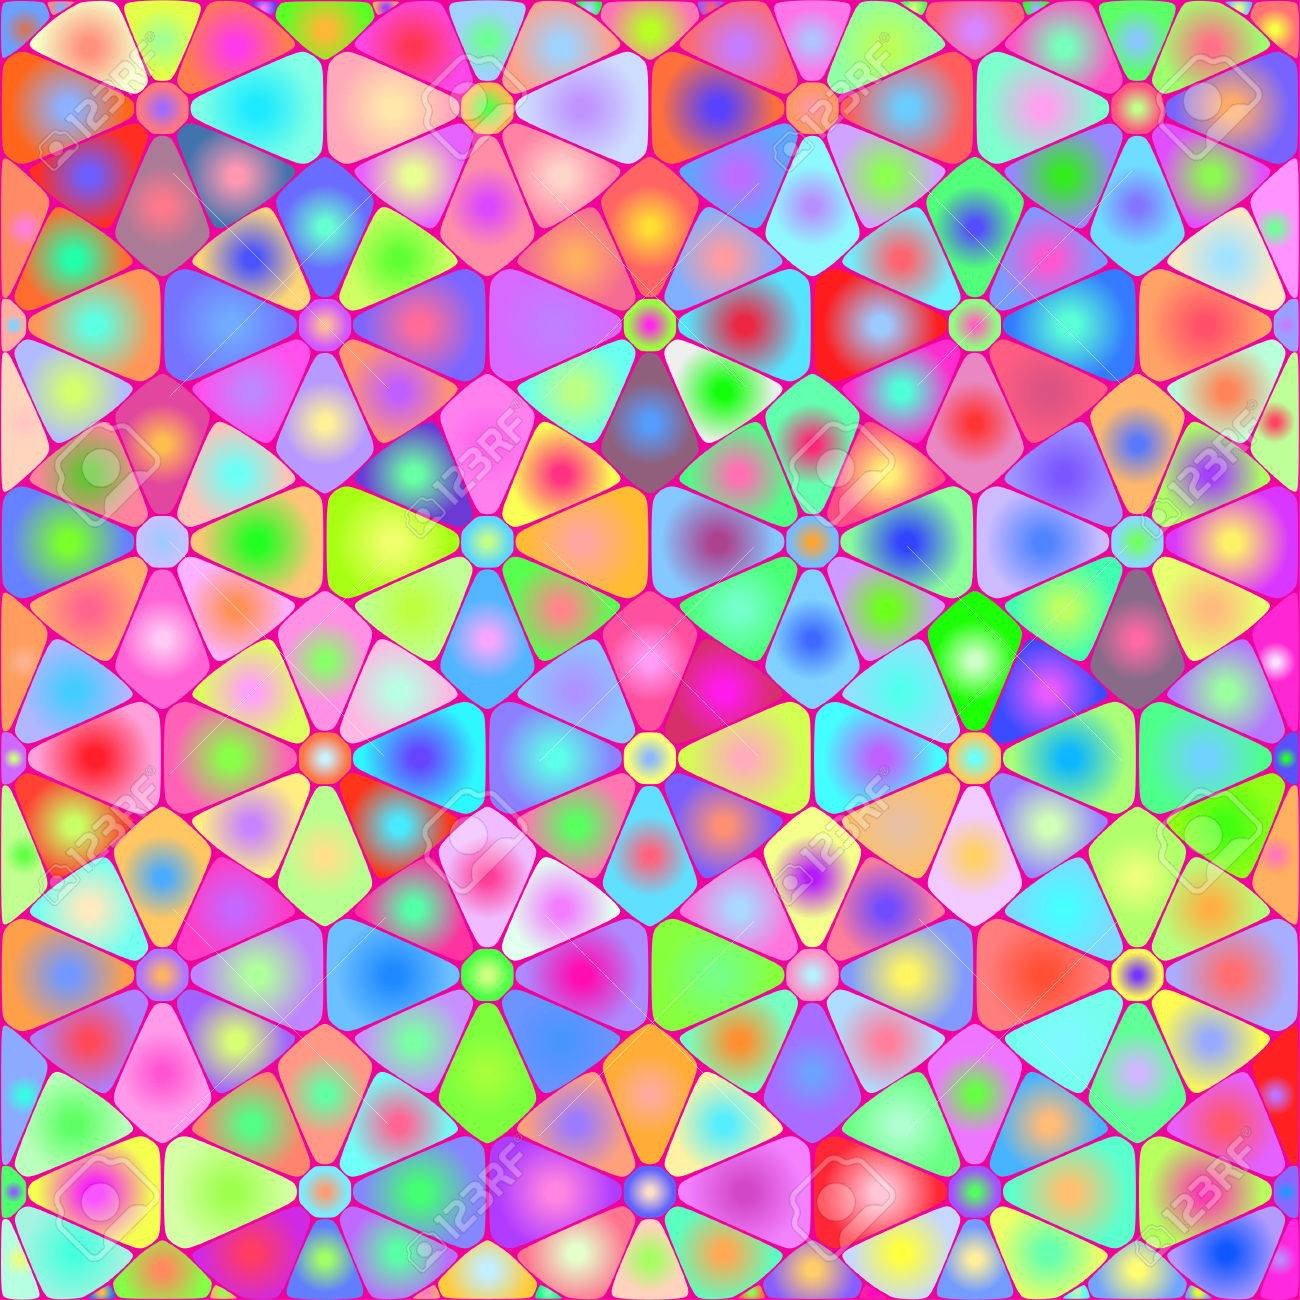 fondos abstractos con azulejos de colores psicodlicos foto de archivo